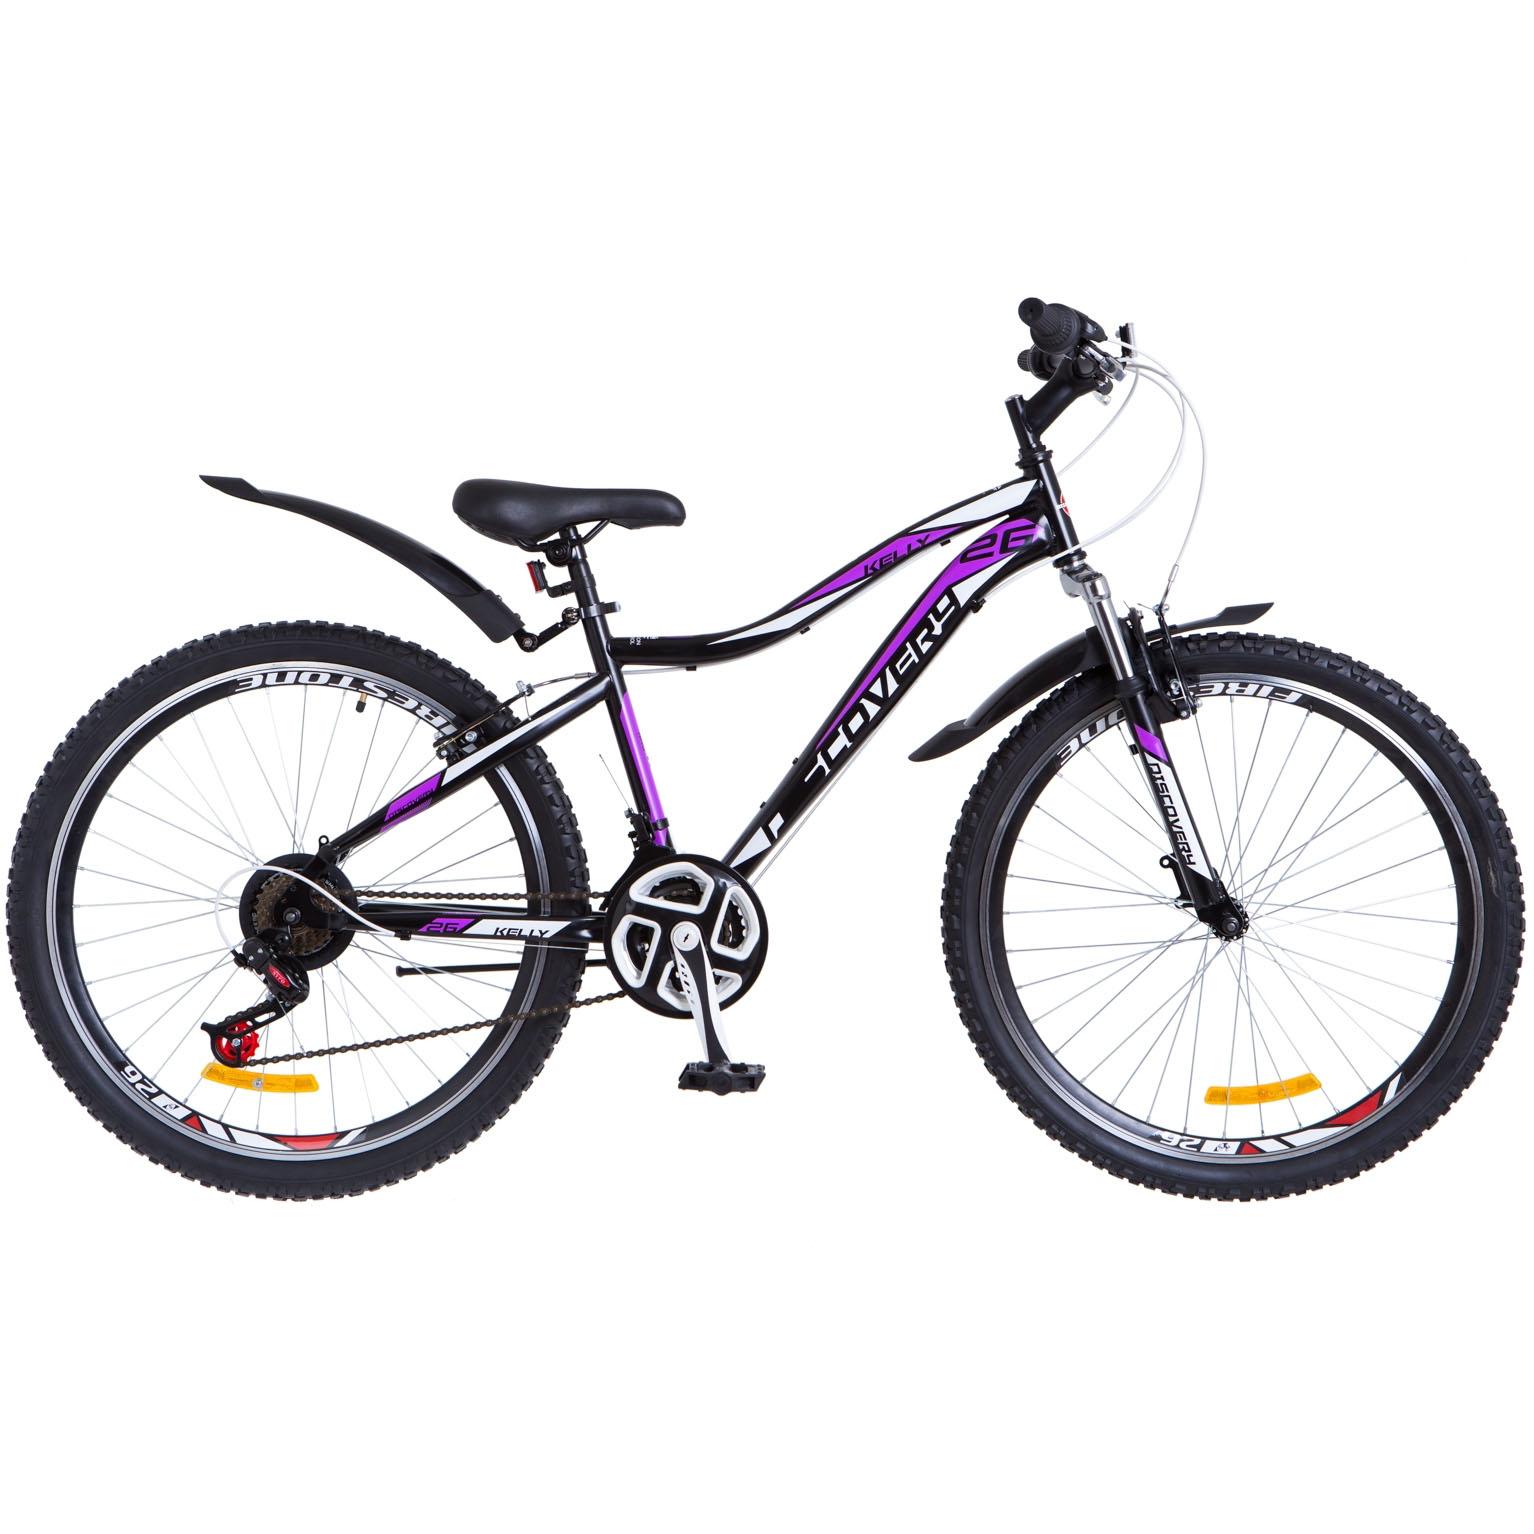 Фото Горный Велосипед 26 Discovery KELLY черно-фиолетовый 2018